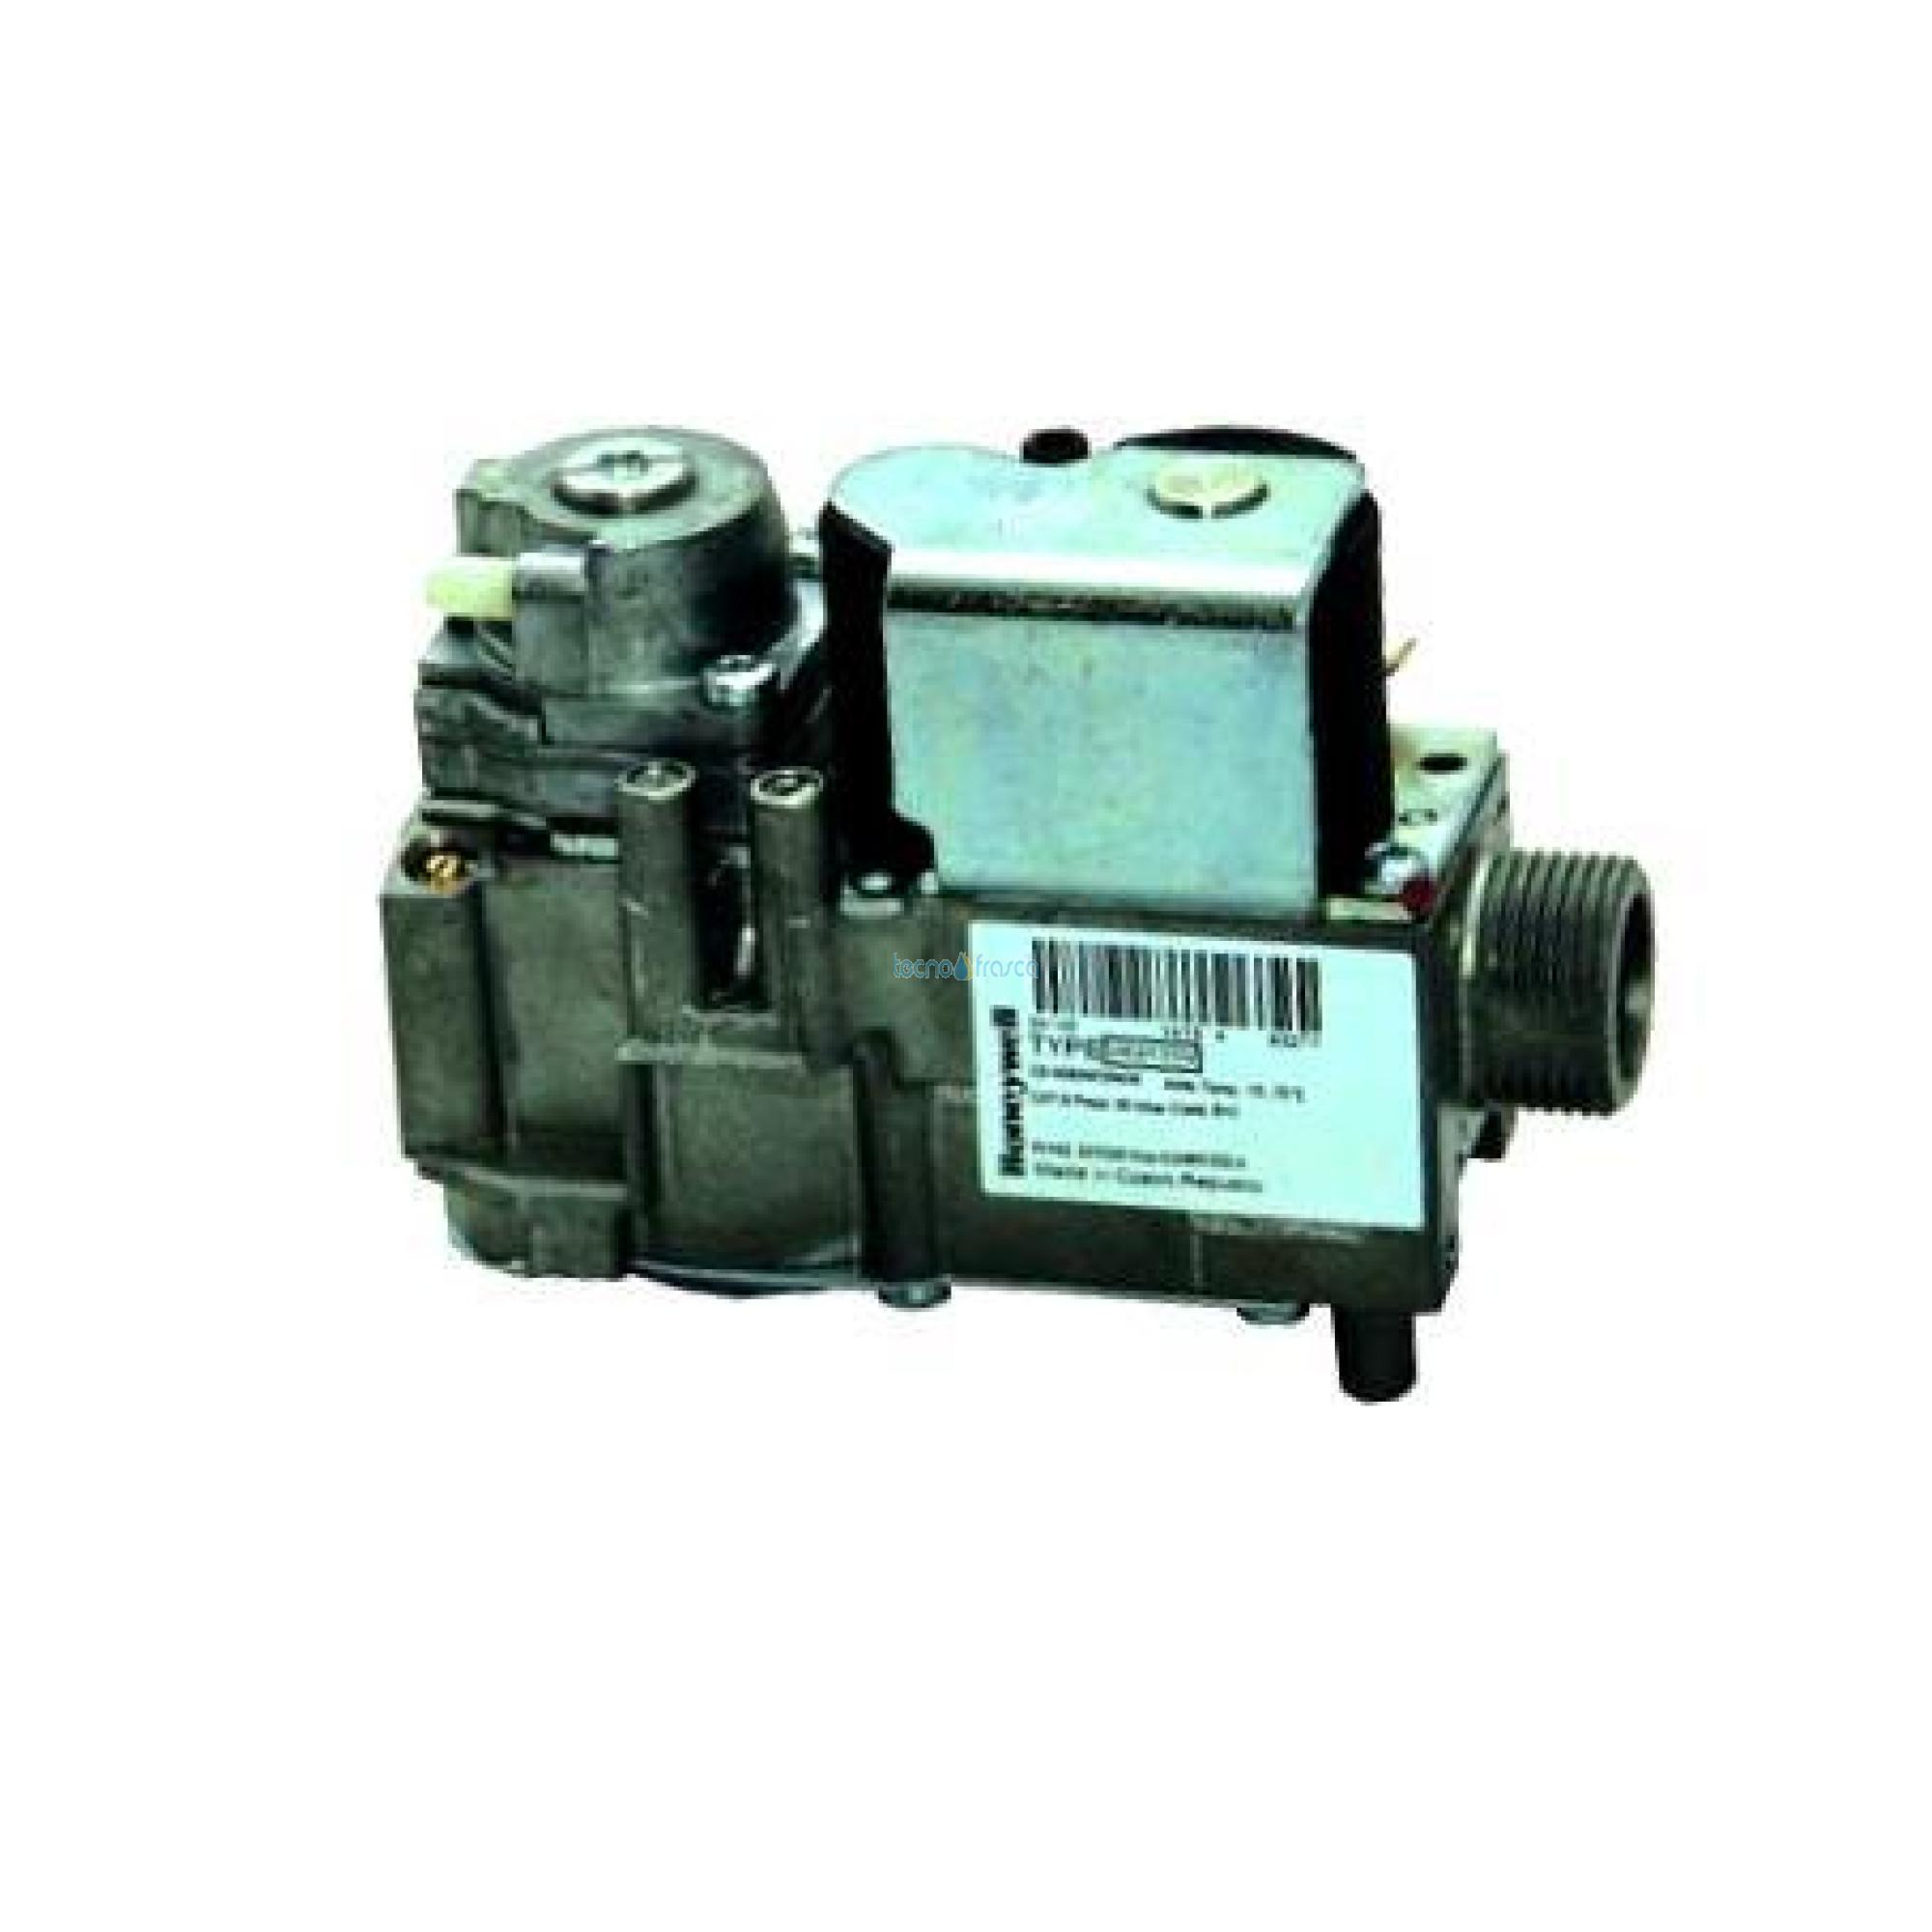 Immergas valvola gas vk4115v port.max flangia inf.integrata 1.025799